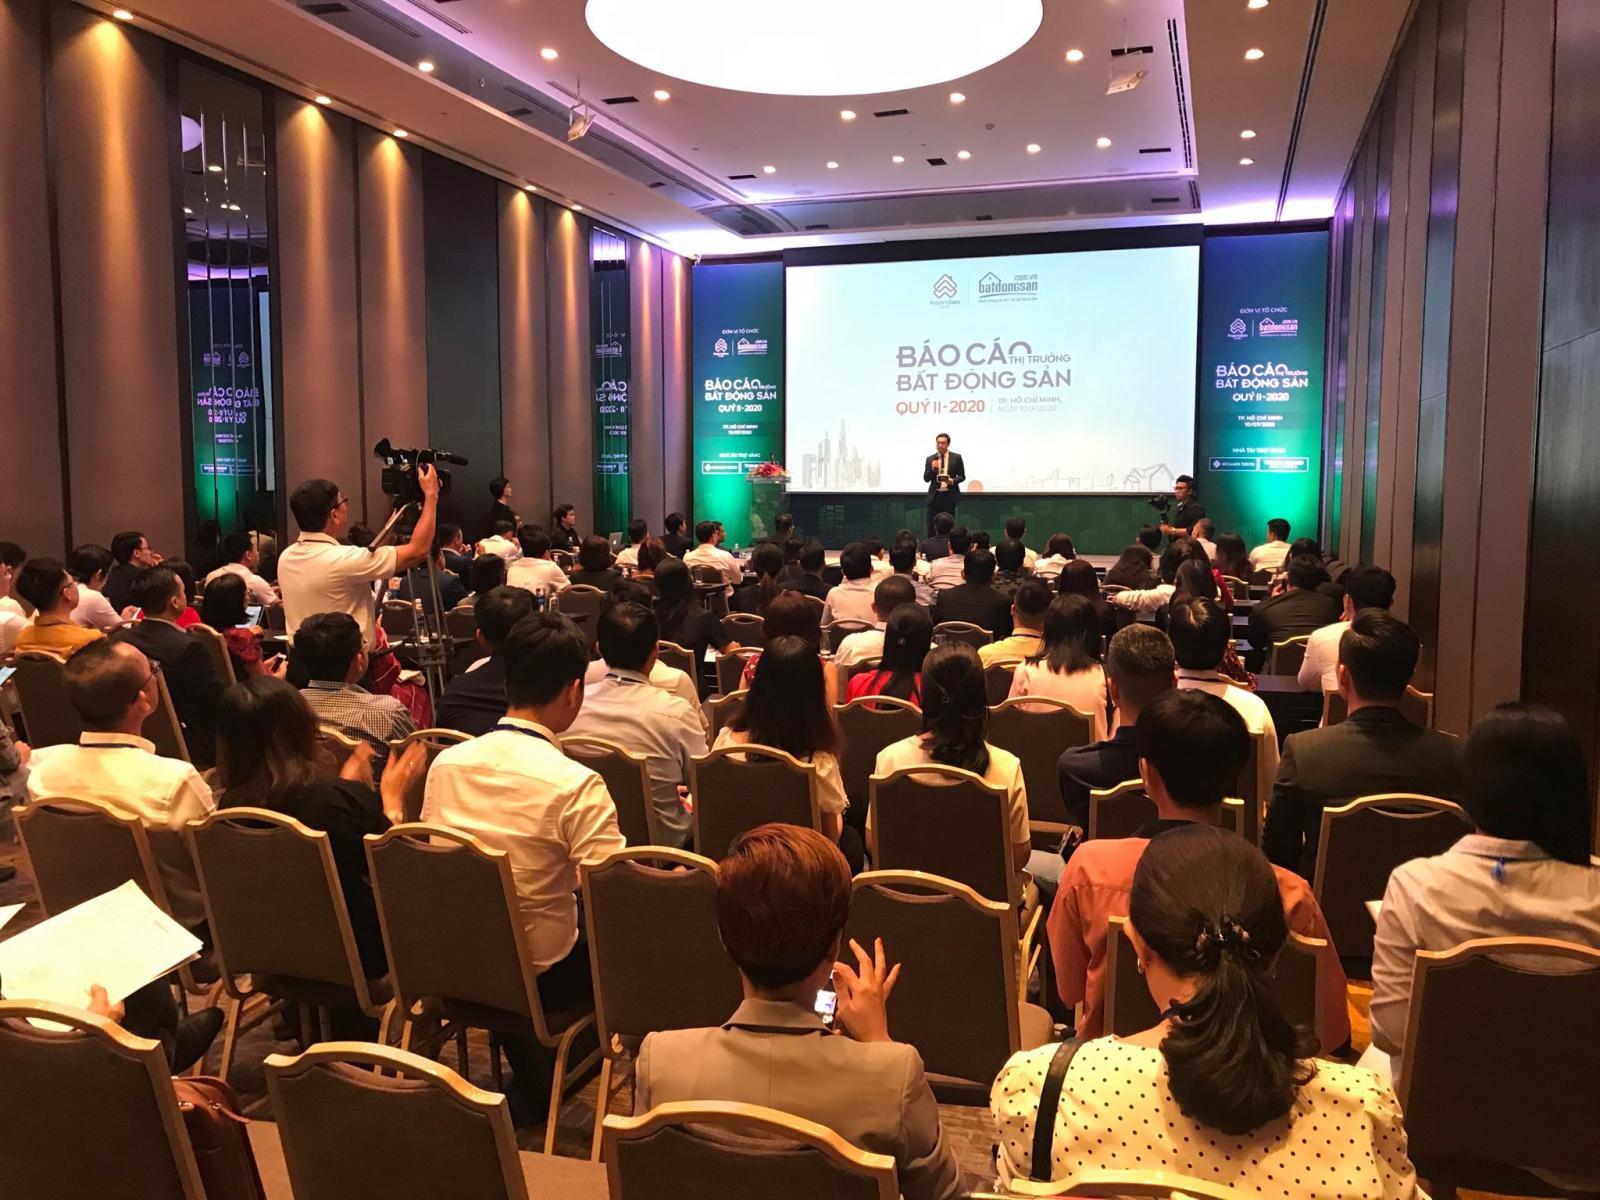 Hội trường nhiều người tham dự báo cáo bất động sản quý 2/2020 của Batdongsan.com.vn